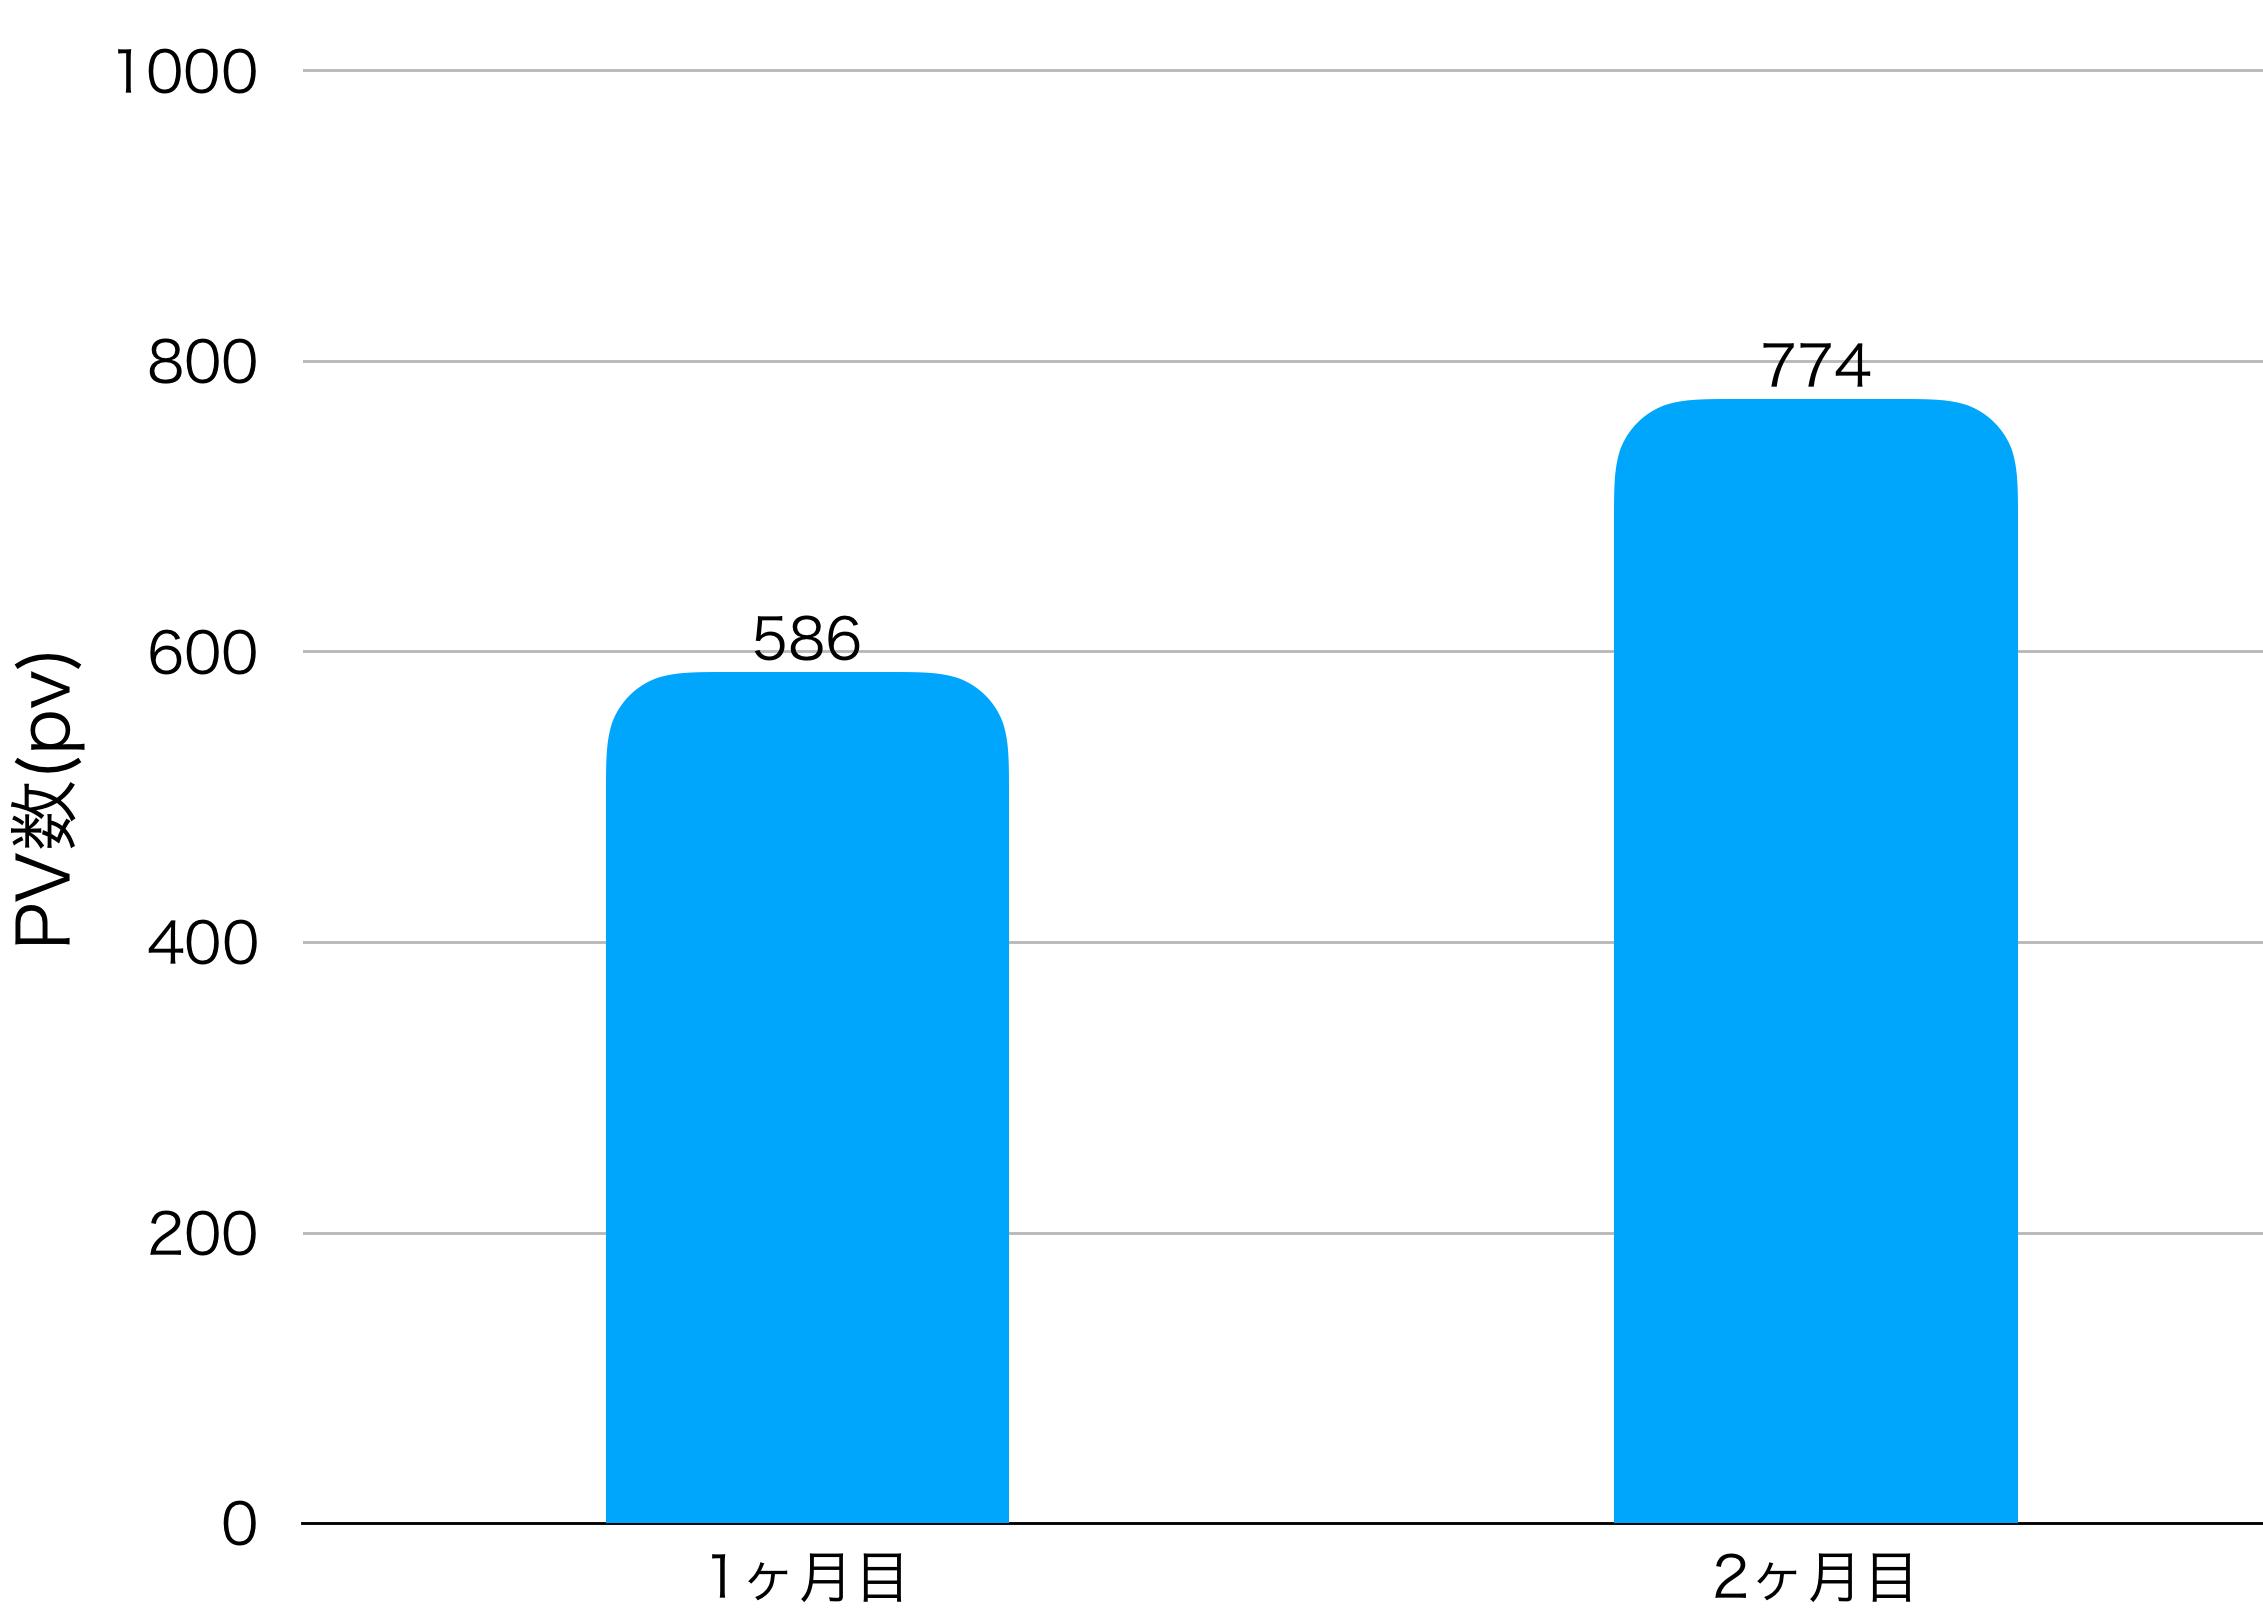 2ヶ月目のPV数の画像